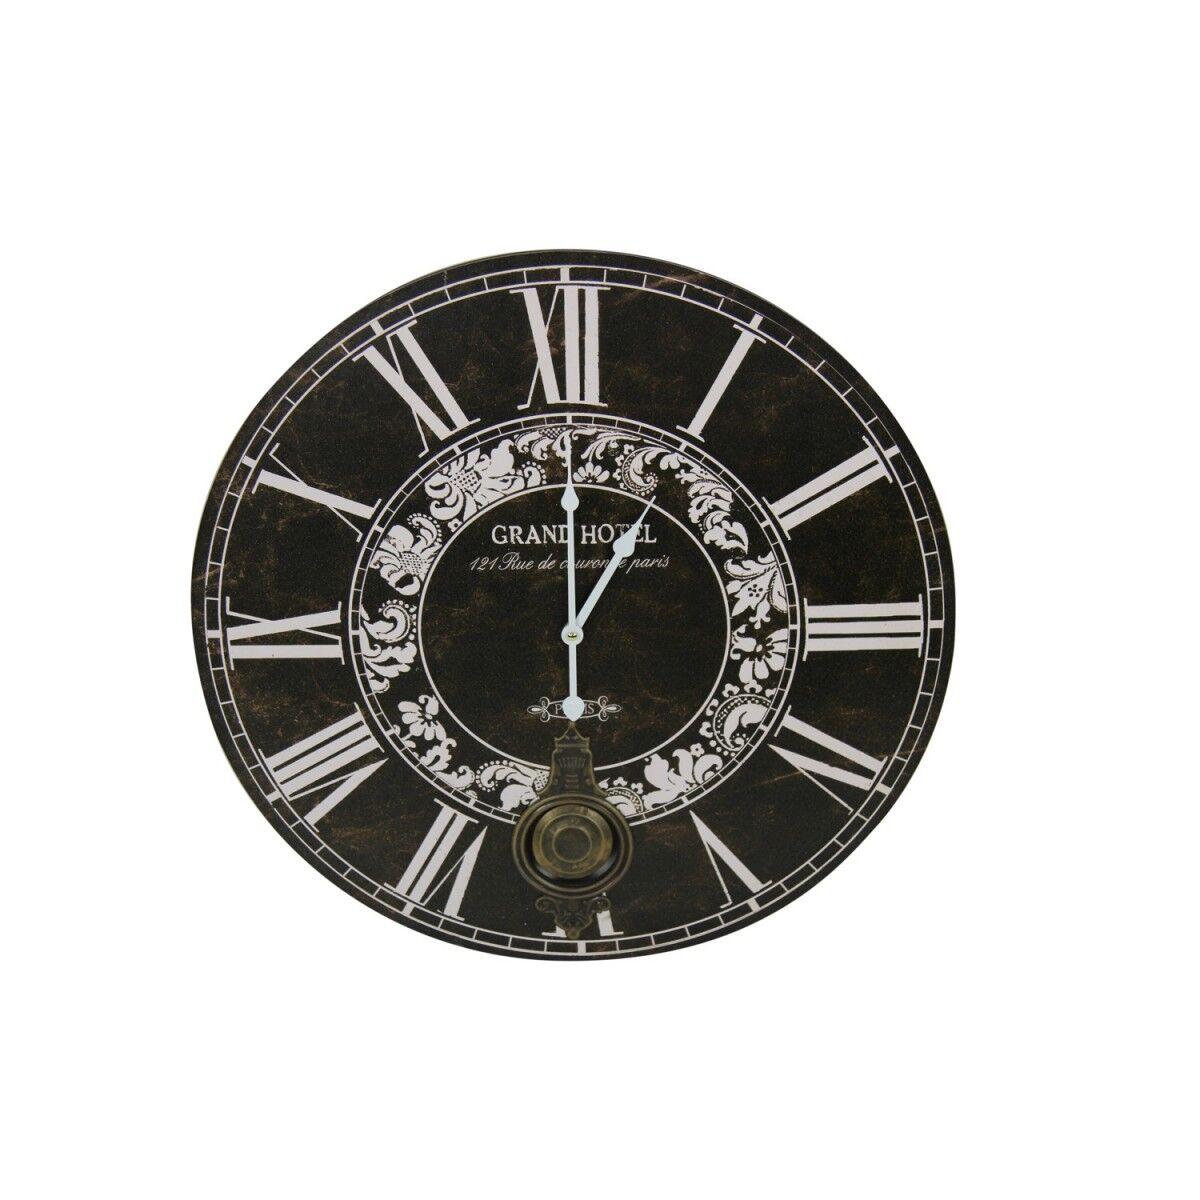 Horloge Ancienne Balancier Grand Hôtel 58cm - Bois - Noir